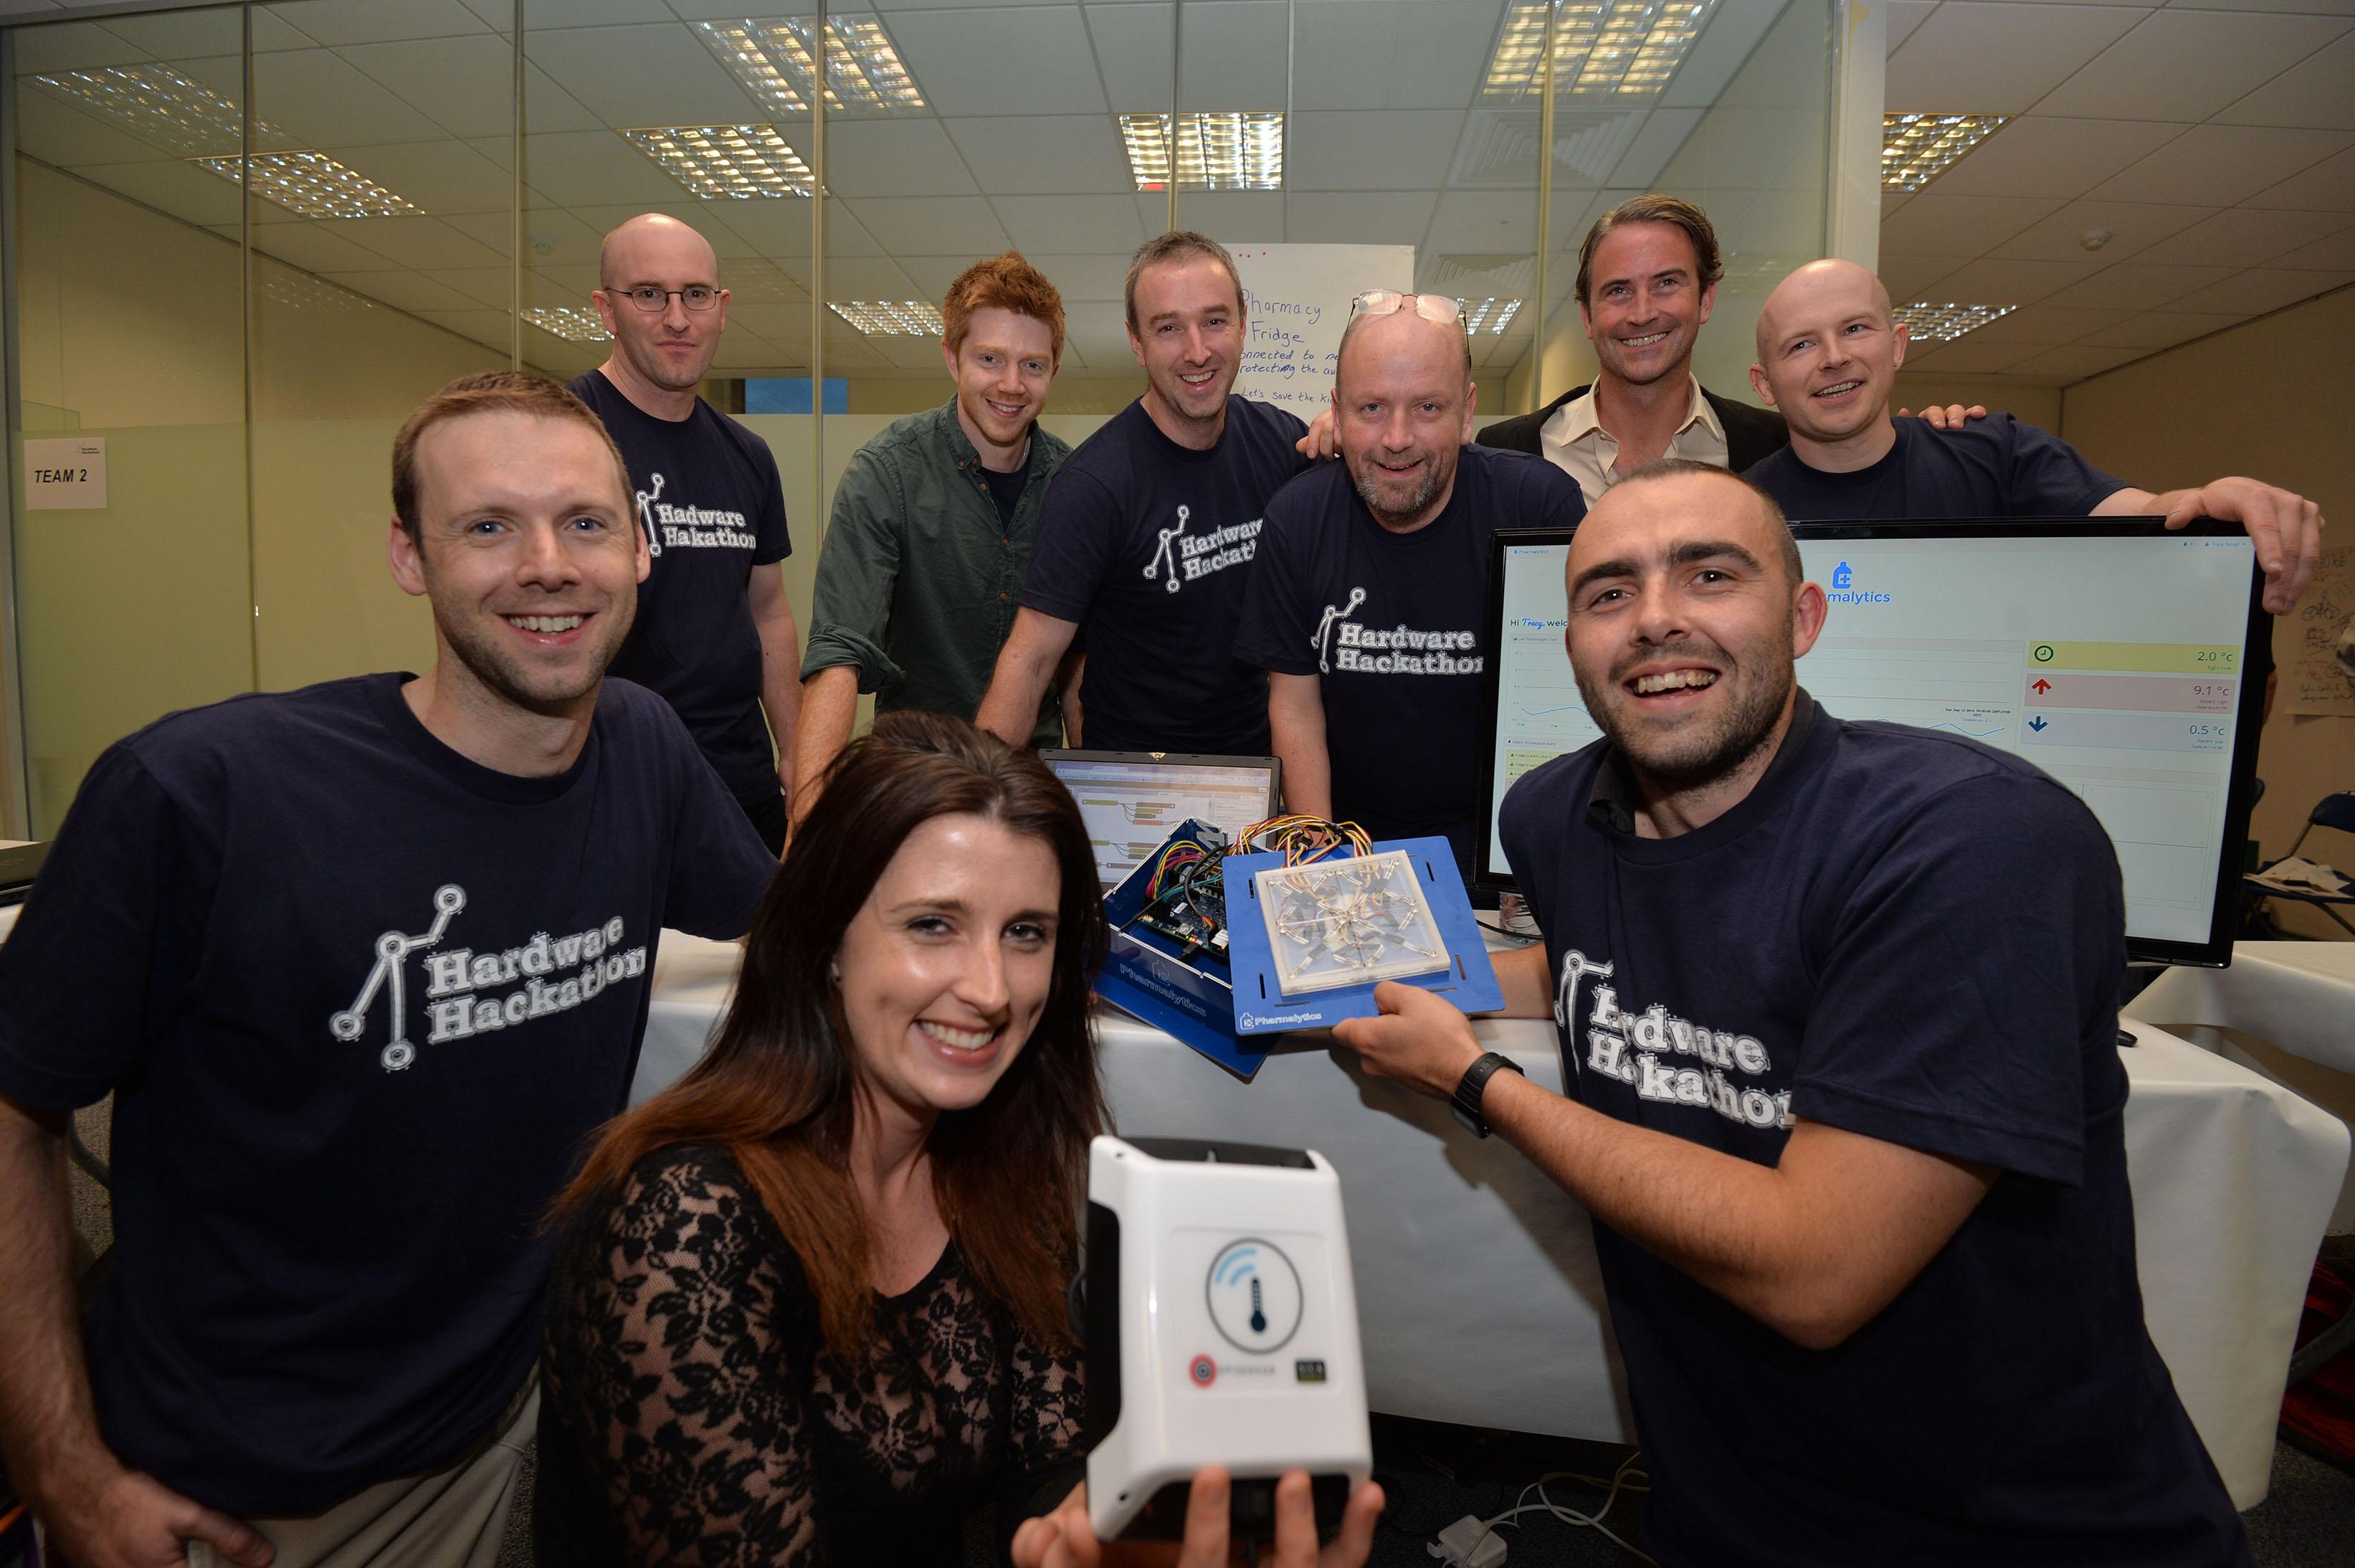 Hackathon Dublin, September 2014